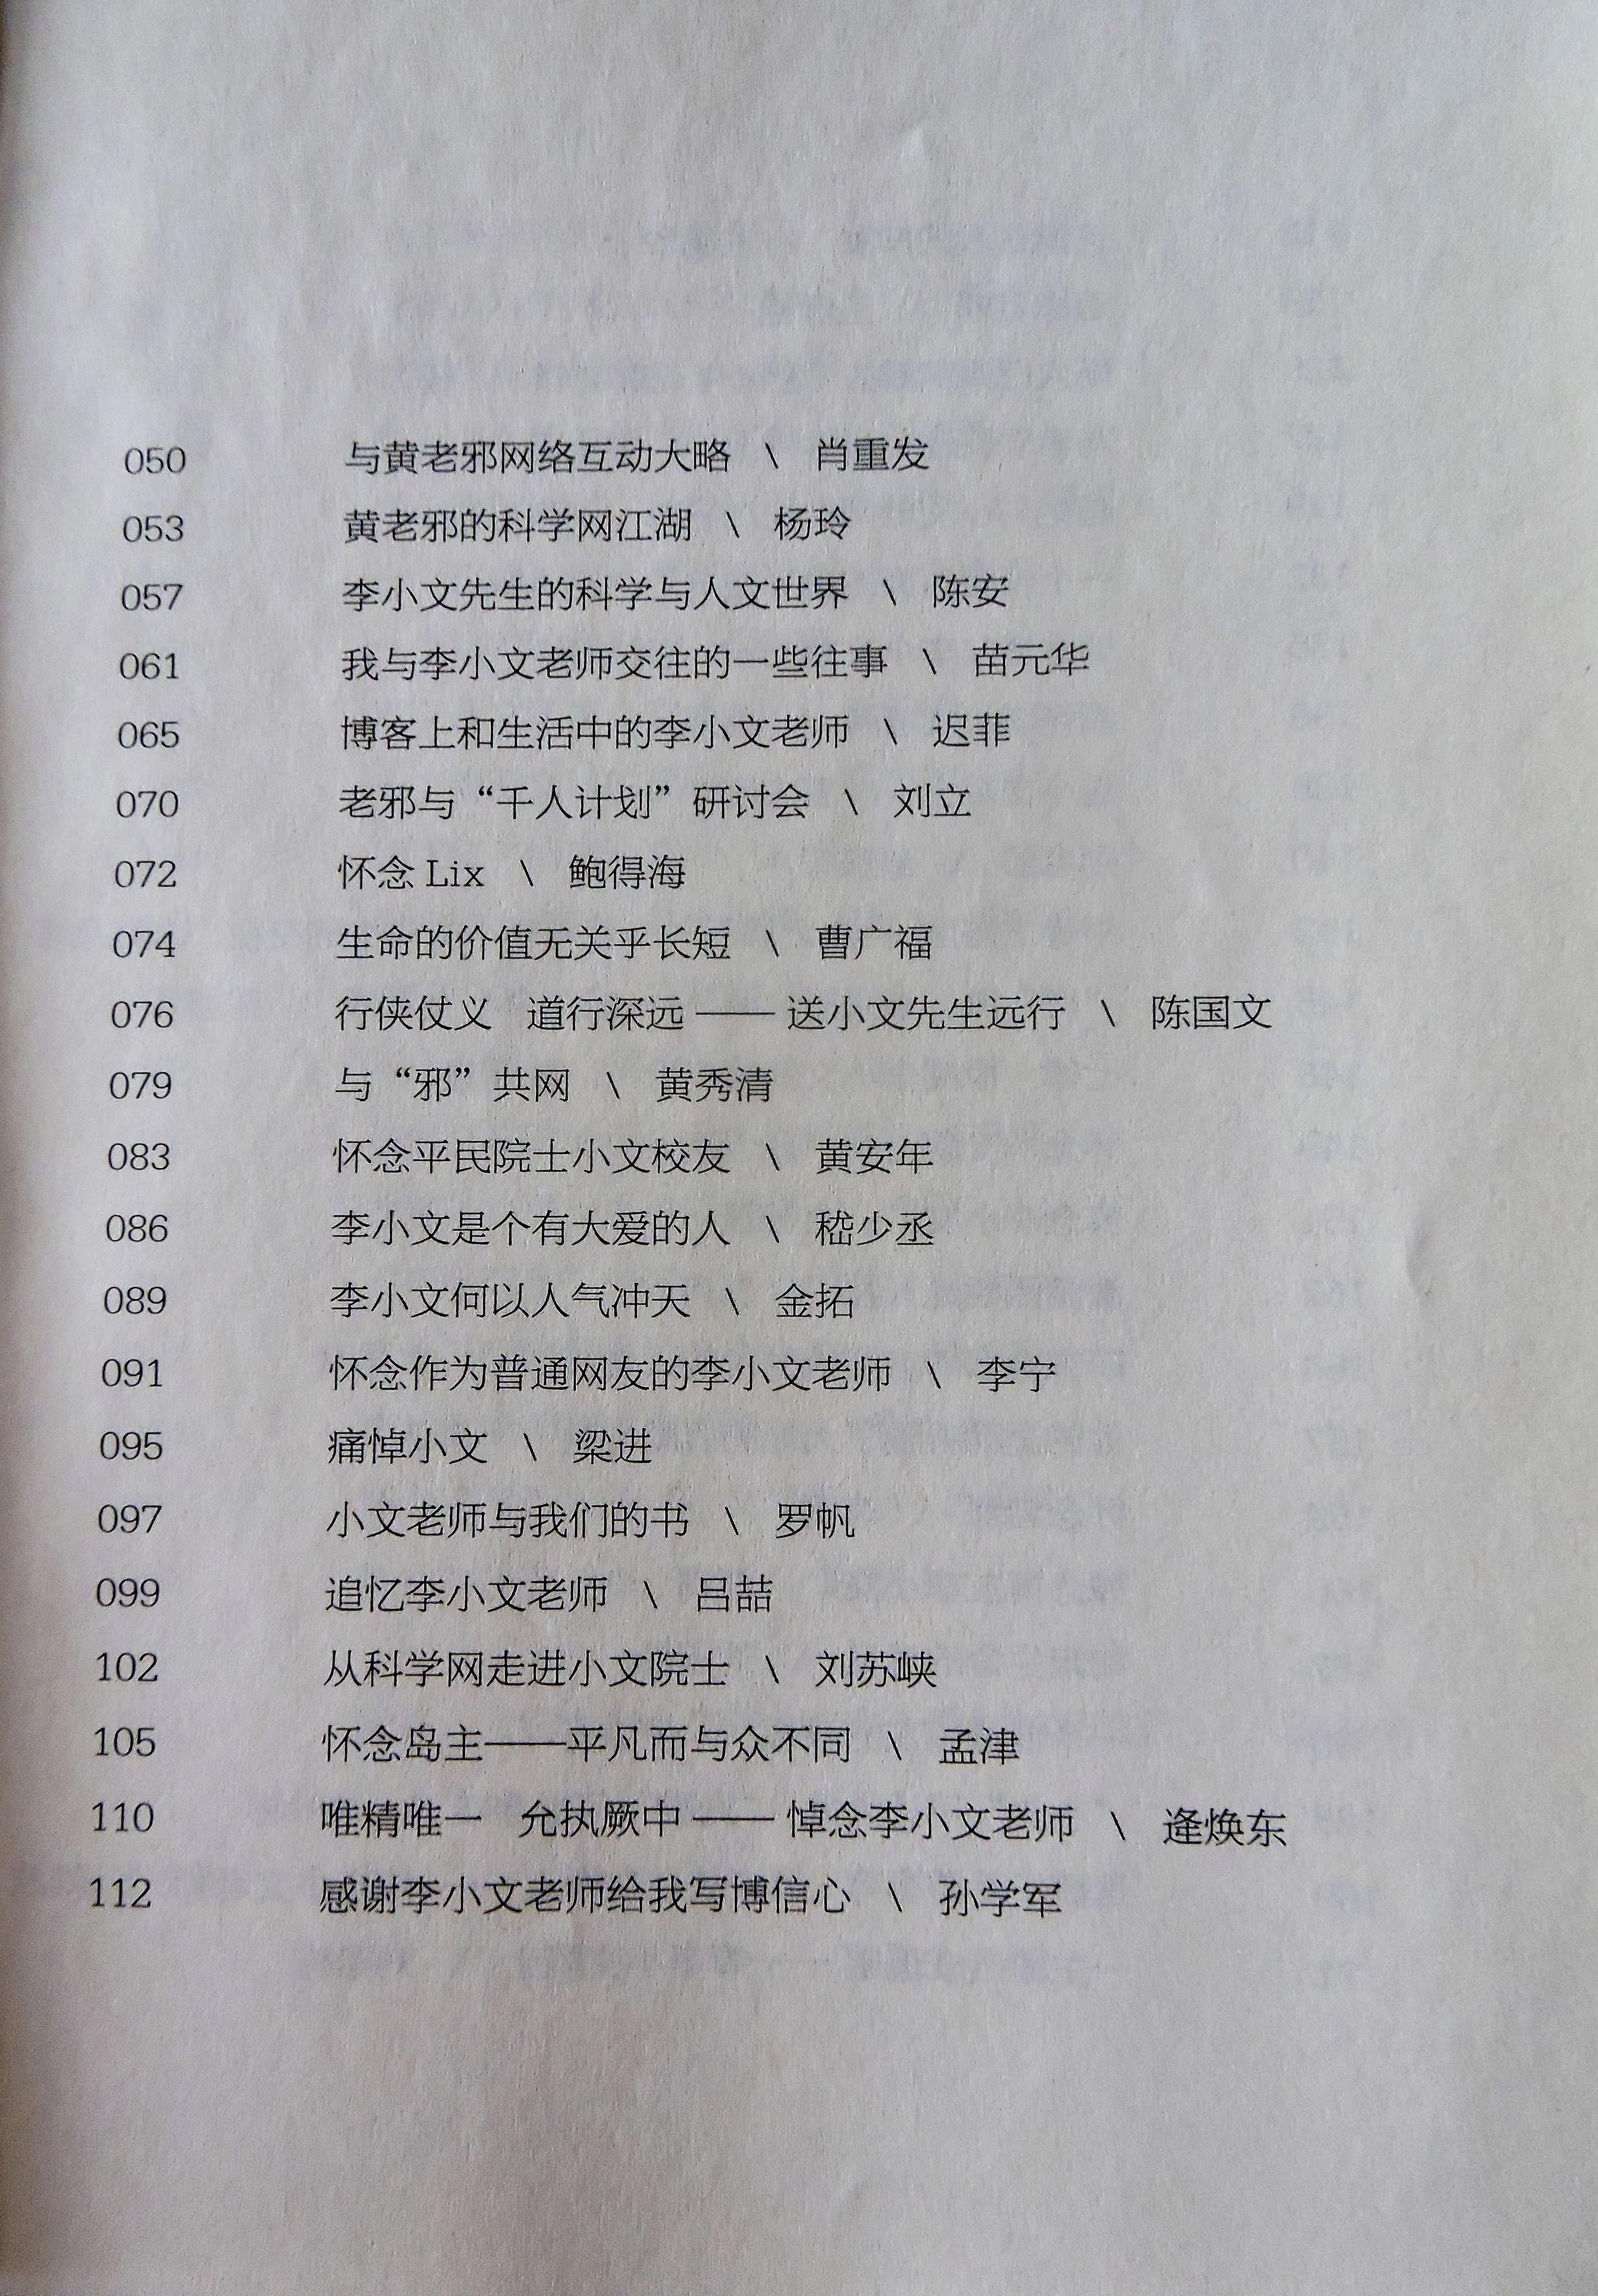 11 DSCN8685.jpg